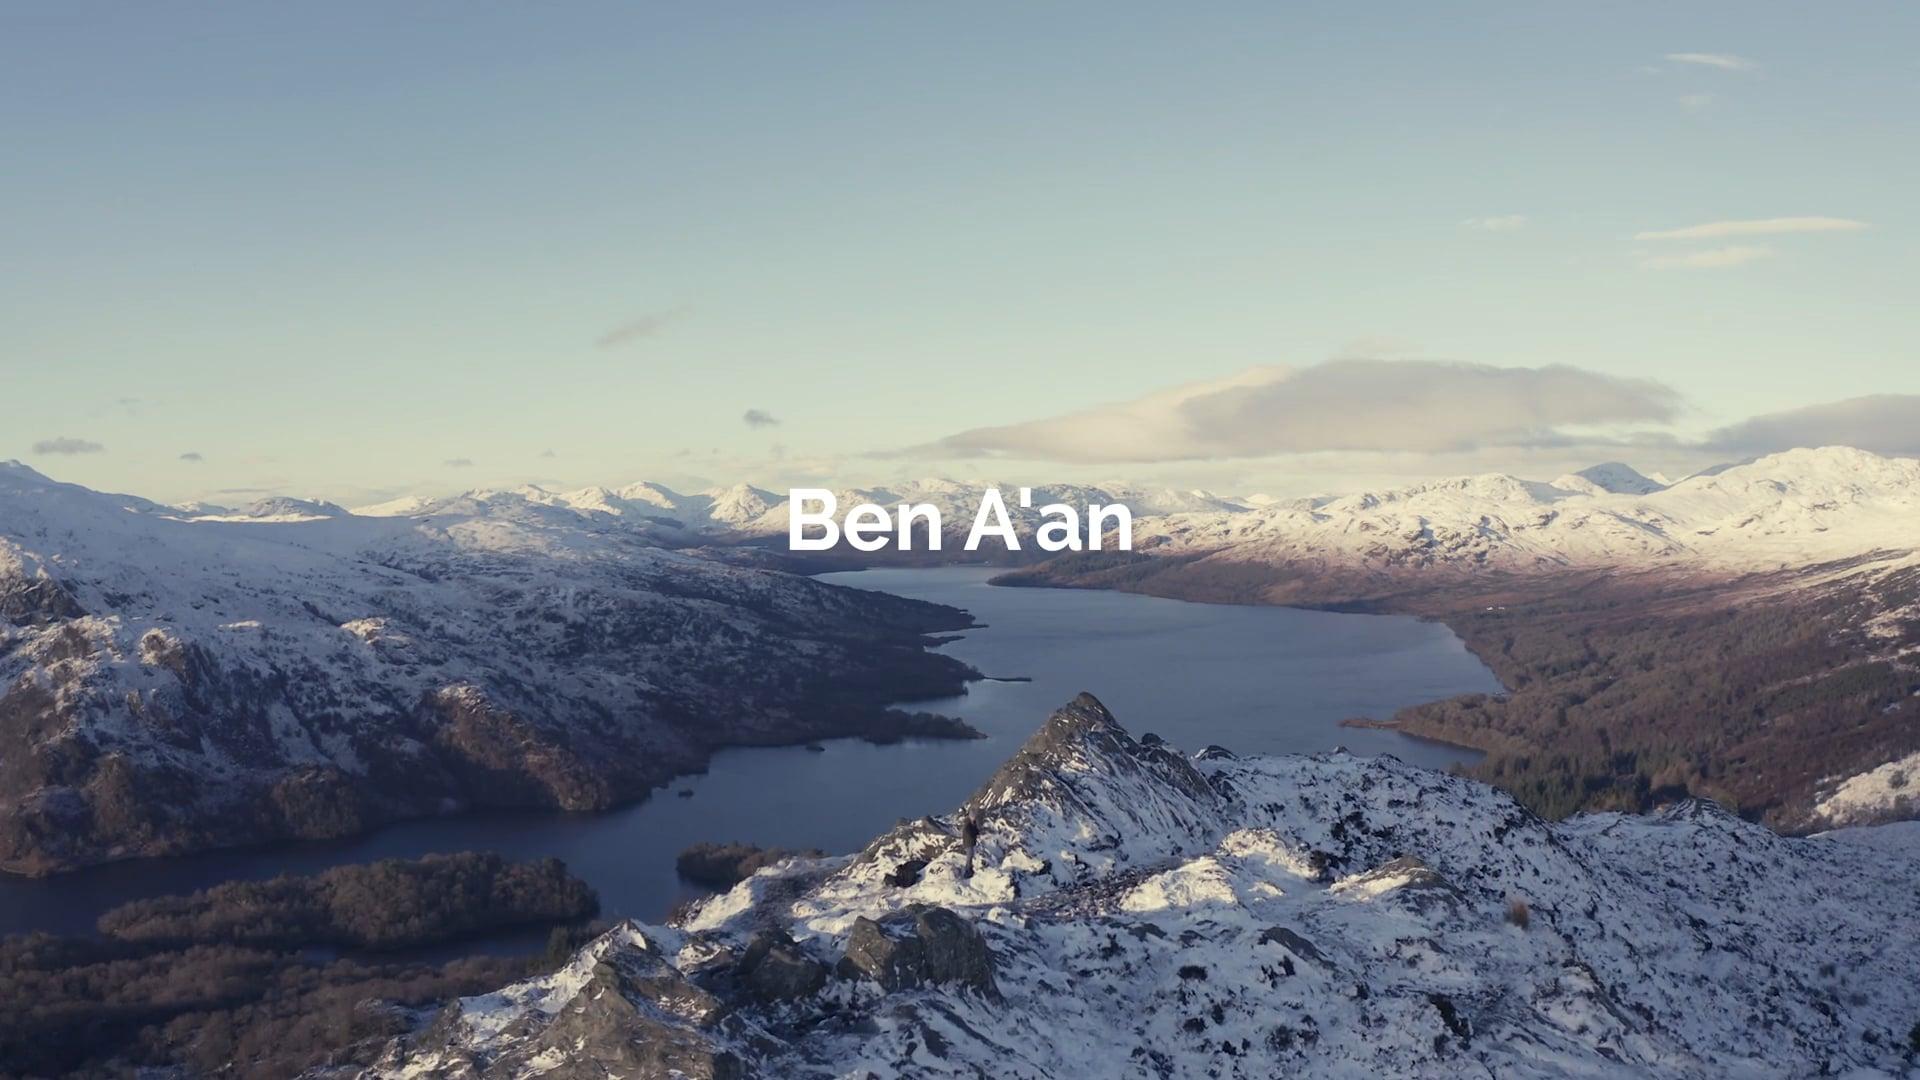 Ben A'an